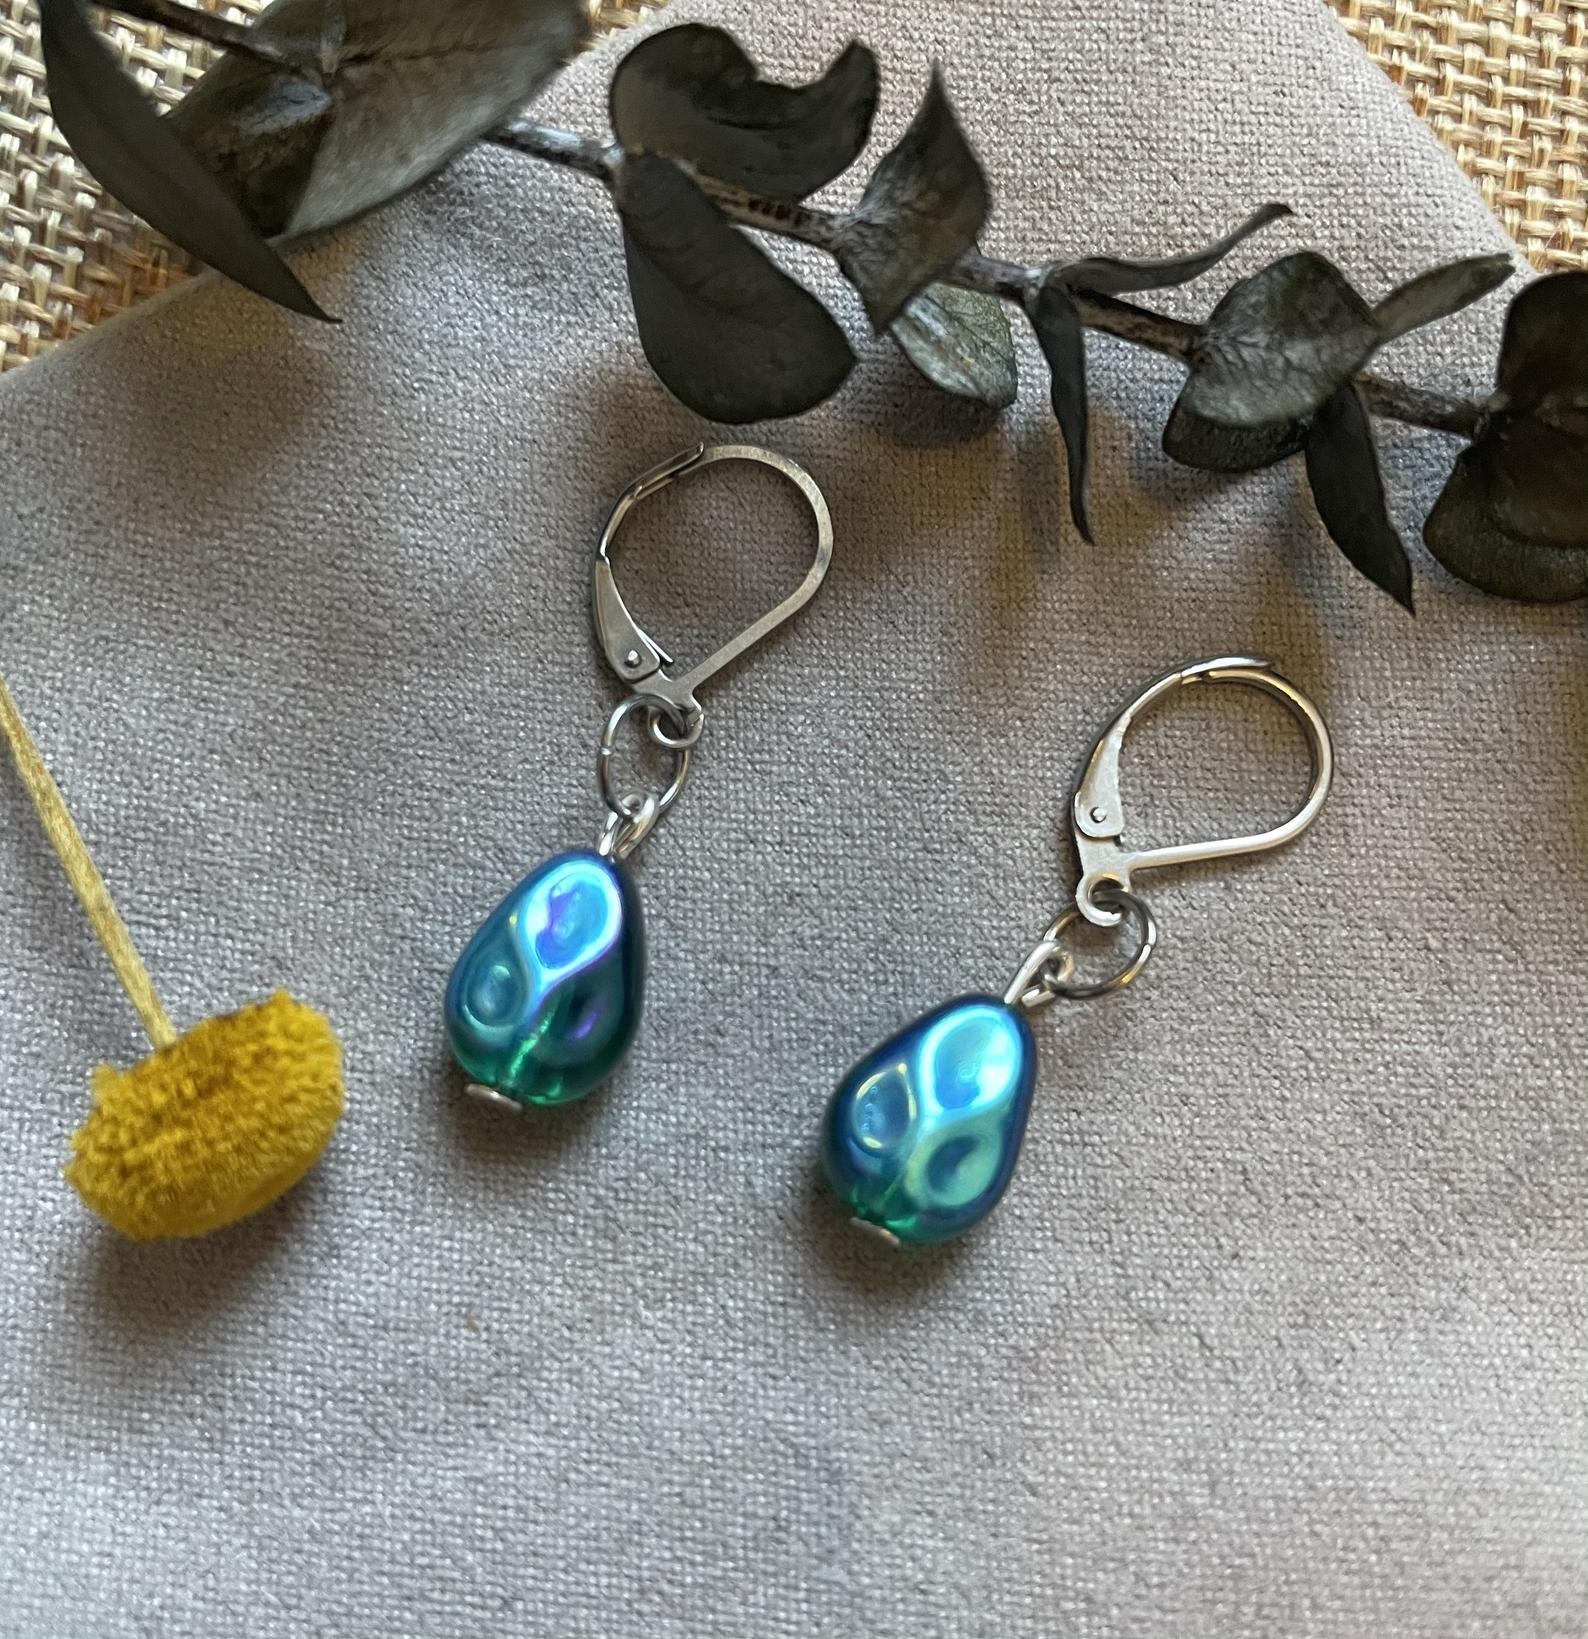 Boucles d'oreille pendantes Ariel, 30$